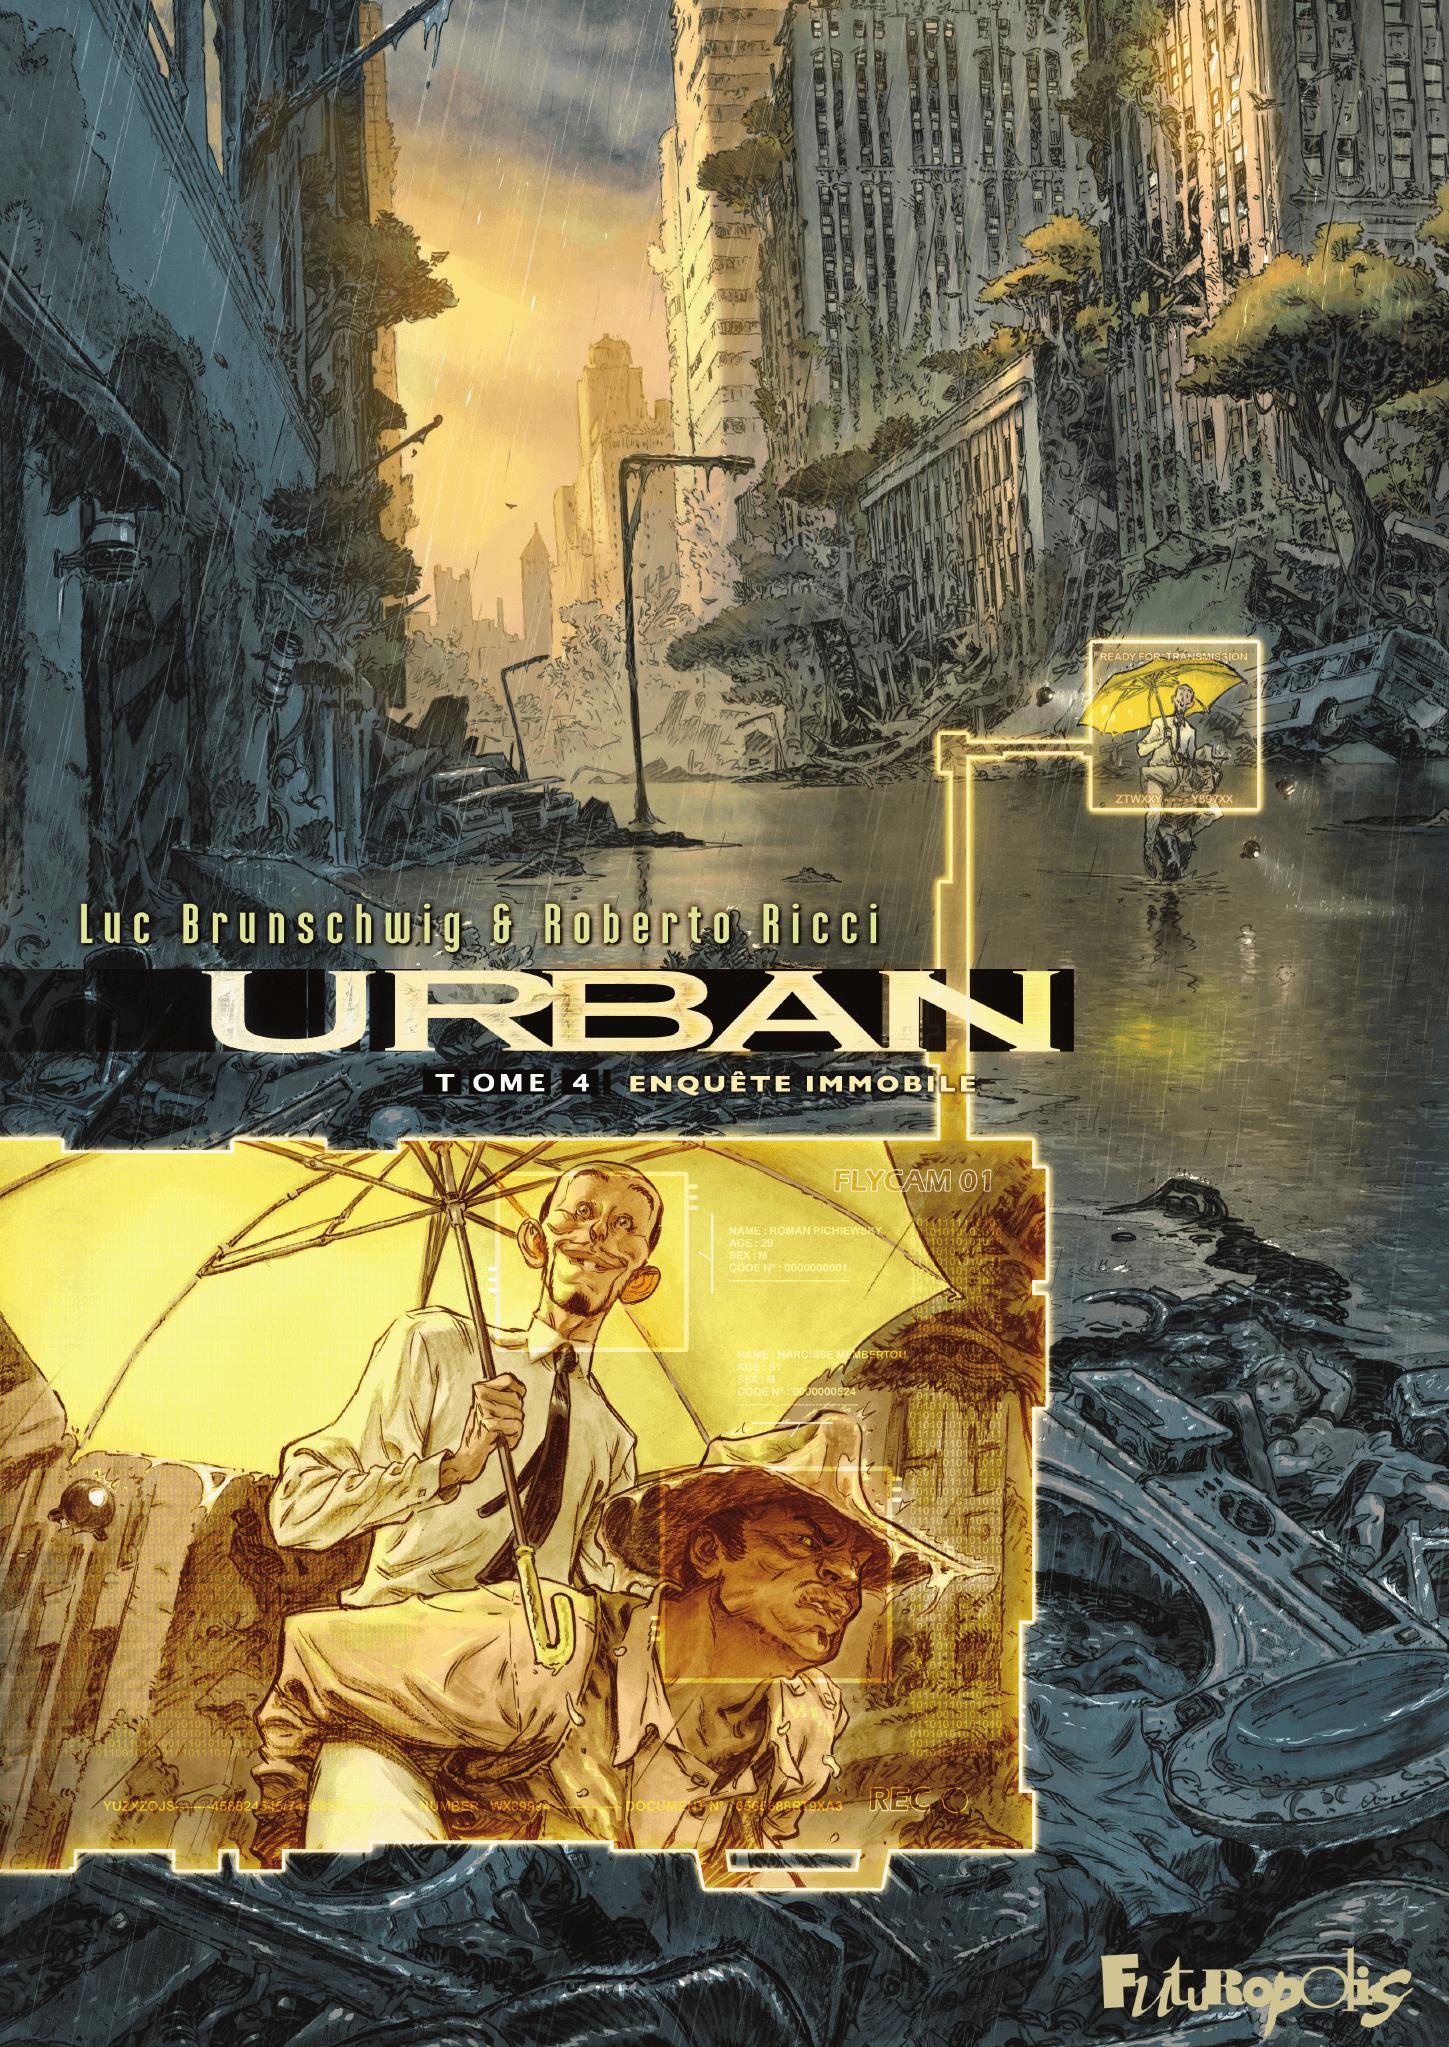 Urban (Tome 4) - Enquête immobile